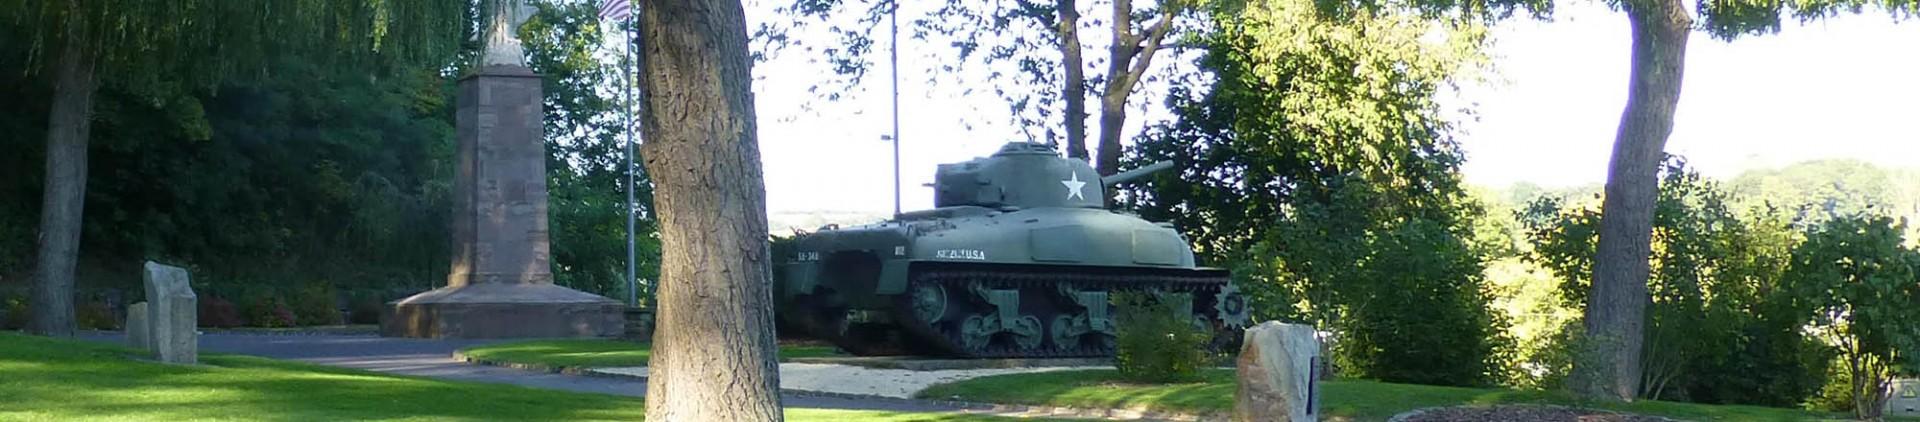 LAND OF MEMORY voor groepen - Luxemburg